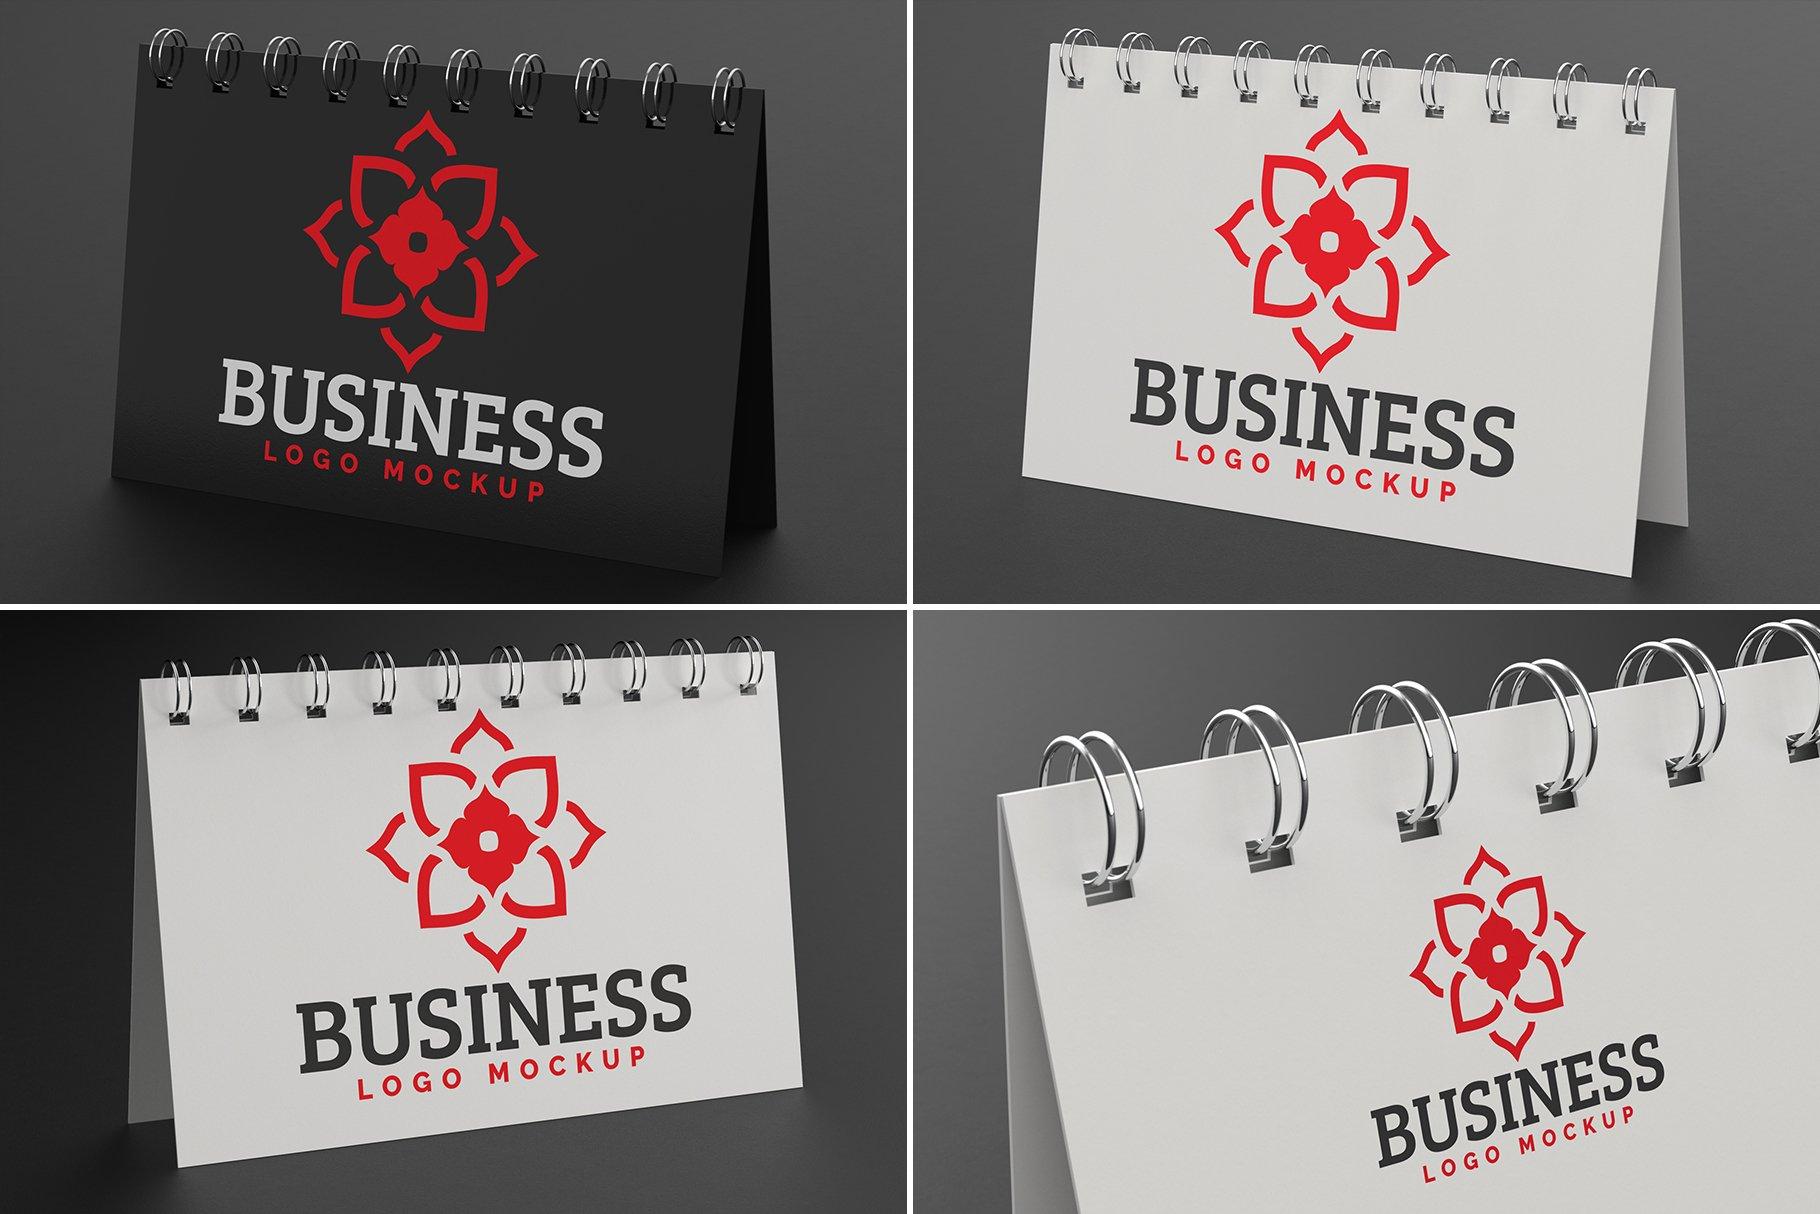 100款标志徽标设计展示PSD样机模板合集 100 Logo Mockups Bundle Vol.5插图(13)